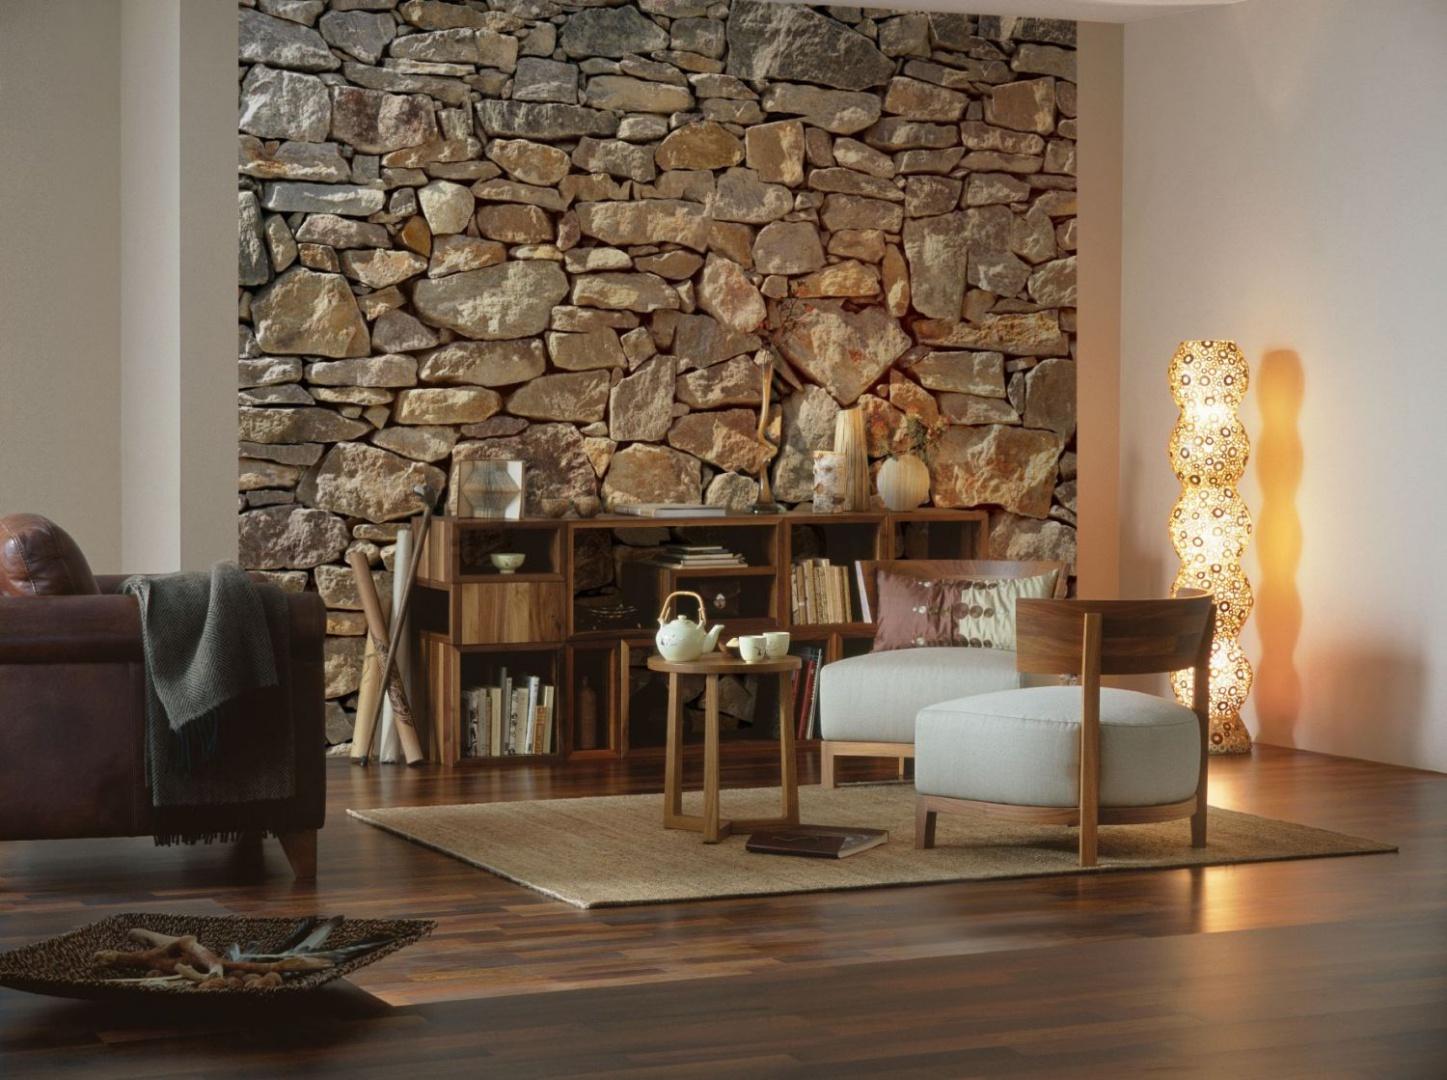 Imitacja naturalnego kamienia wprowadzi do wnętrza odrobinę przytulności. Fot. Castorama.